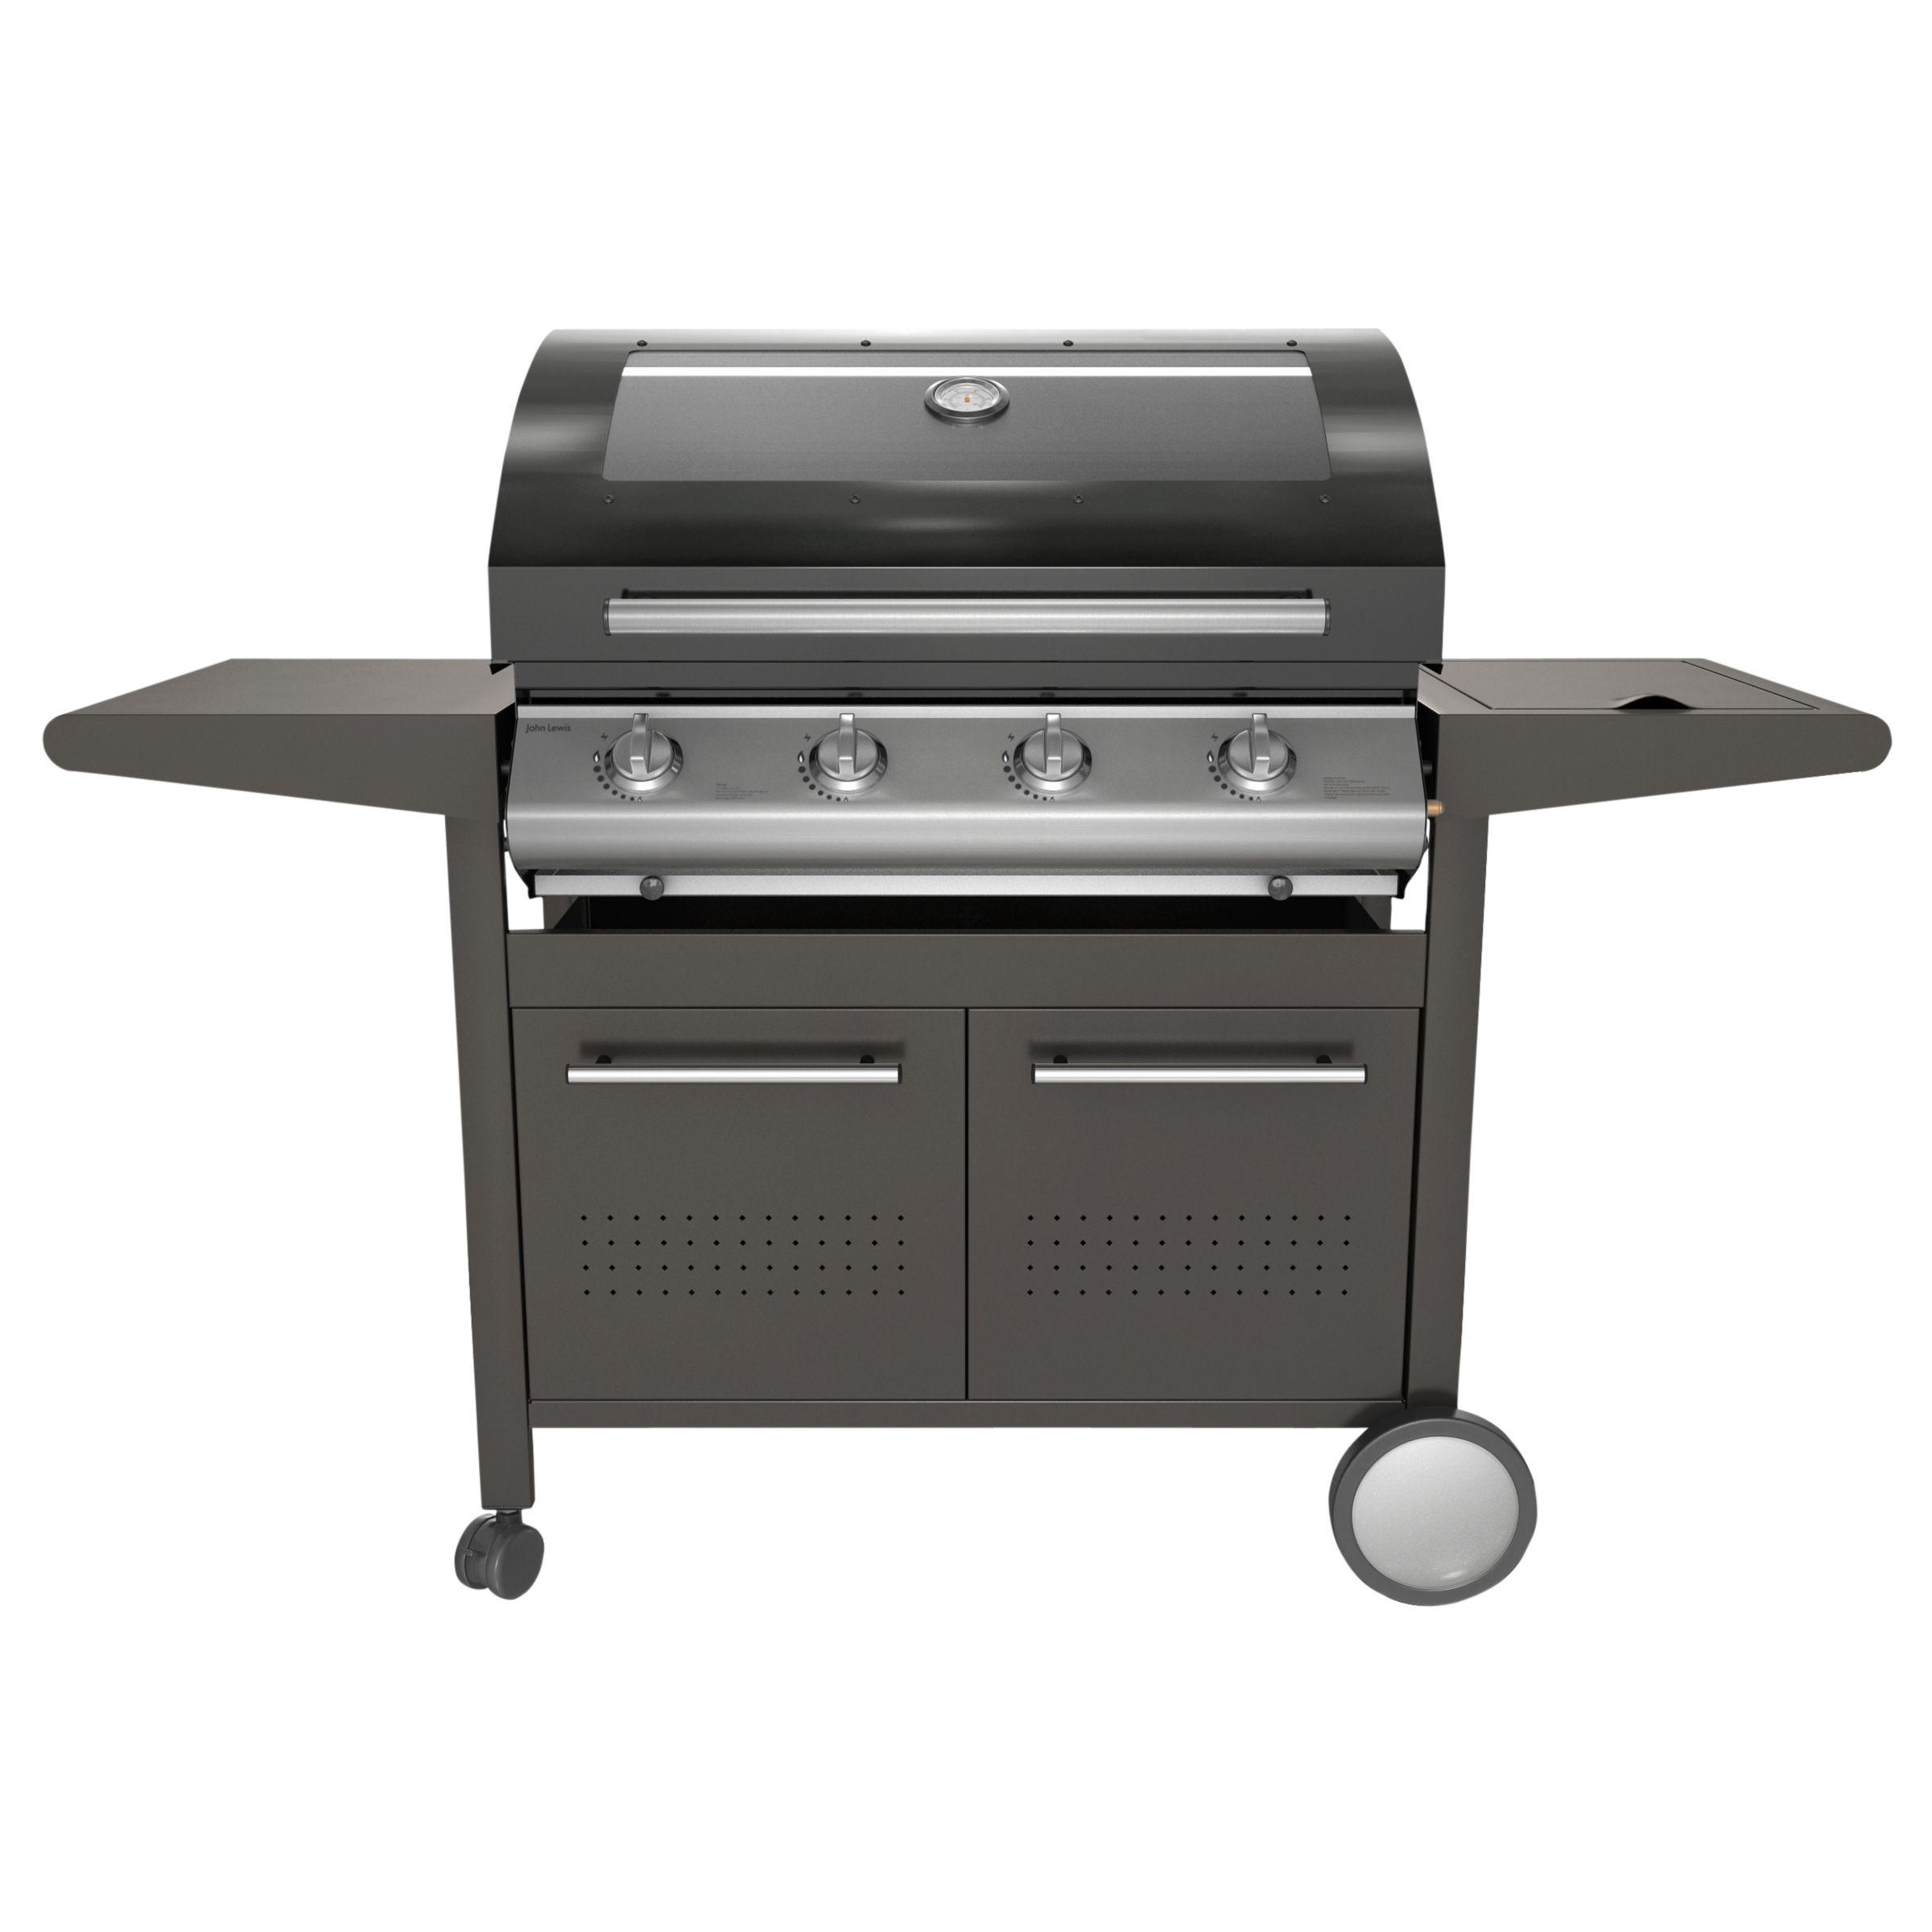 John Lewis JL4B21 Roaster 4 Burner Barbecue